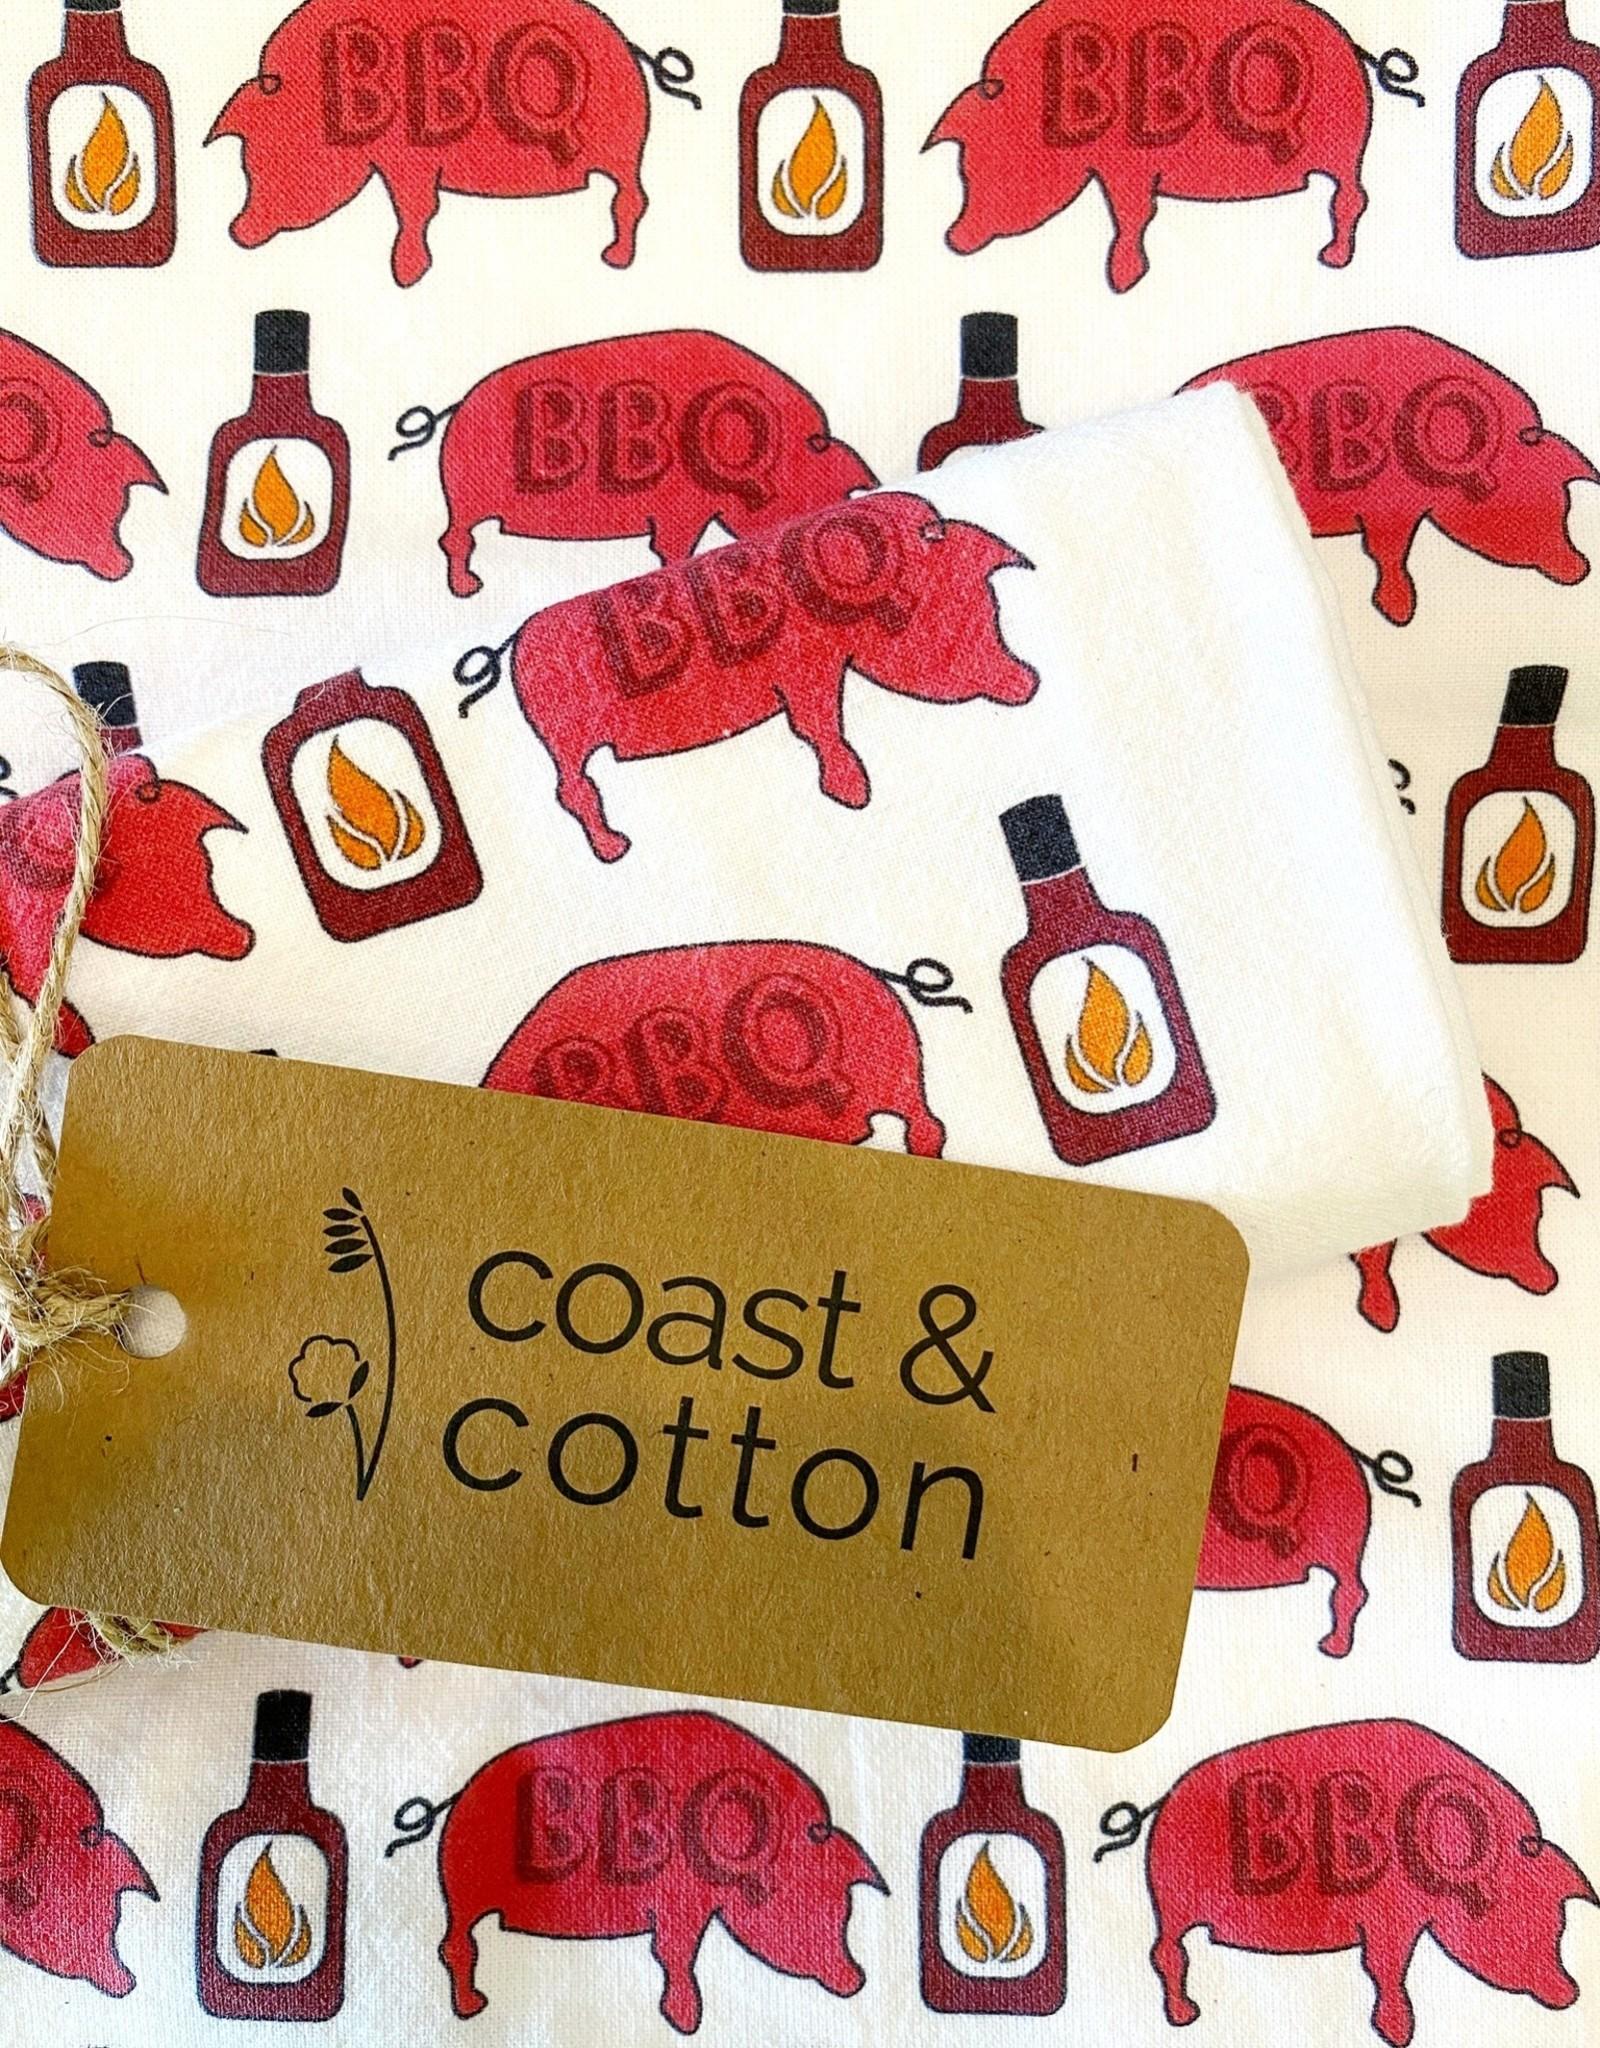 BBQ Pig Tea Towel